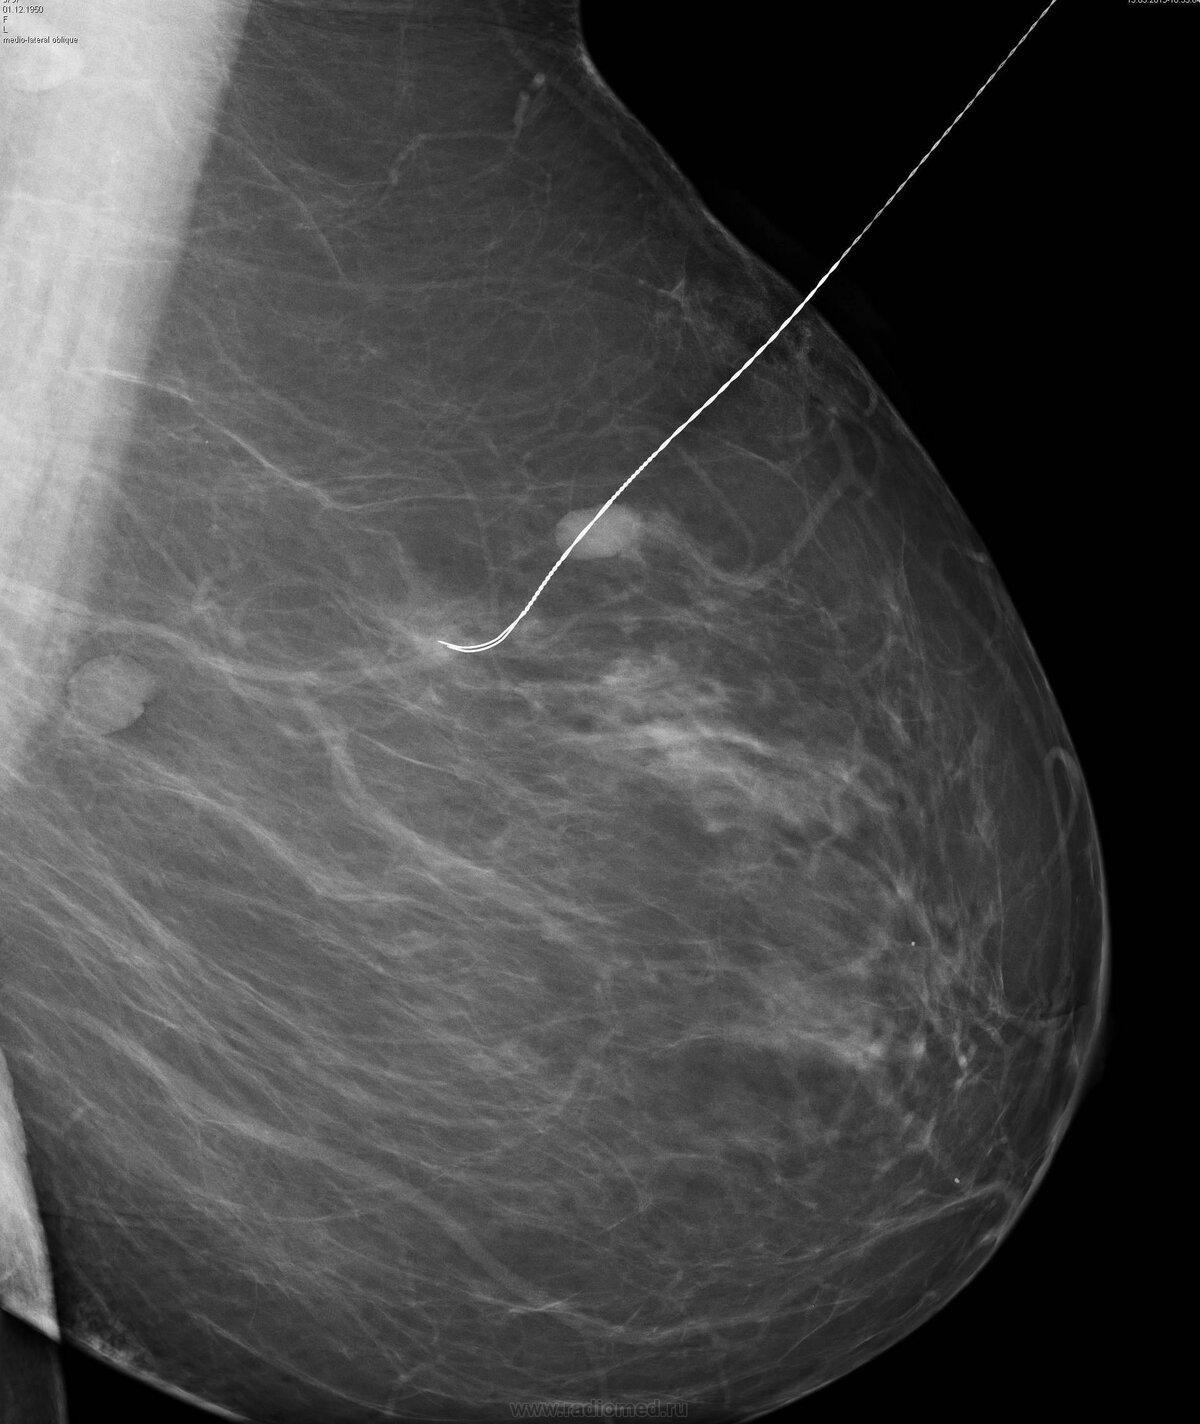 Виды, симптомы, причины, лечение, диагностика и профилактика фиброматоза молочной железы